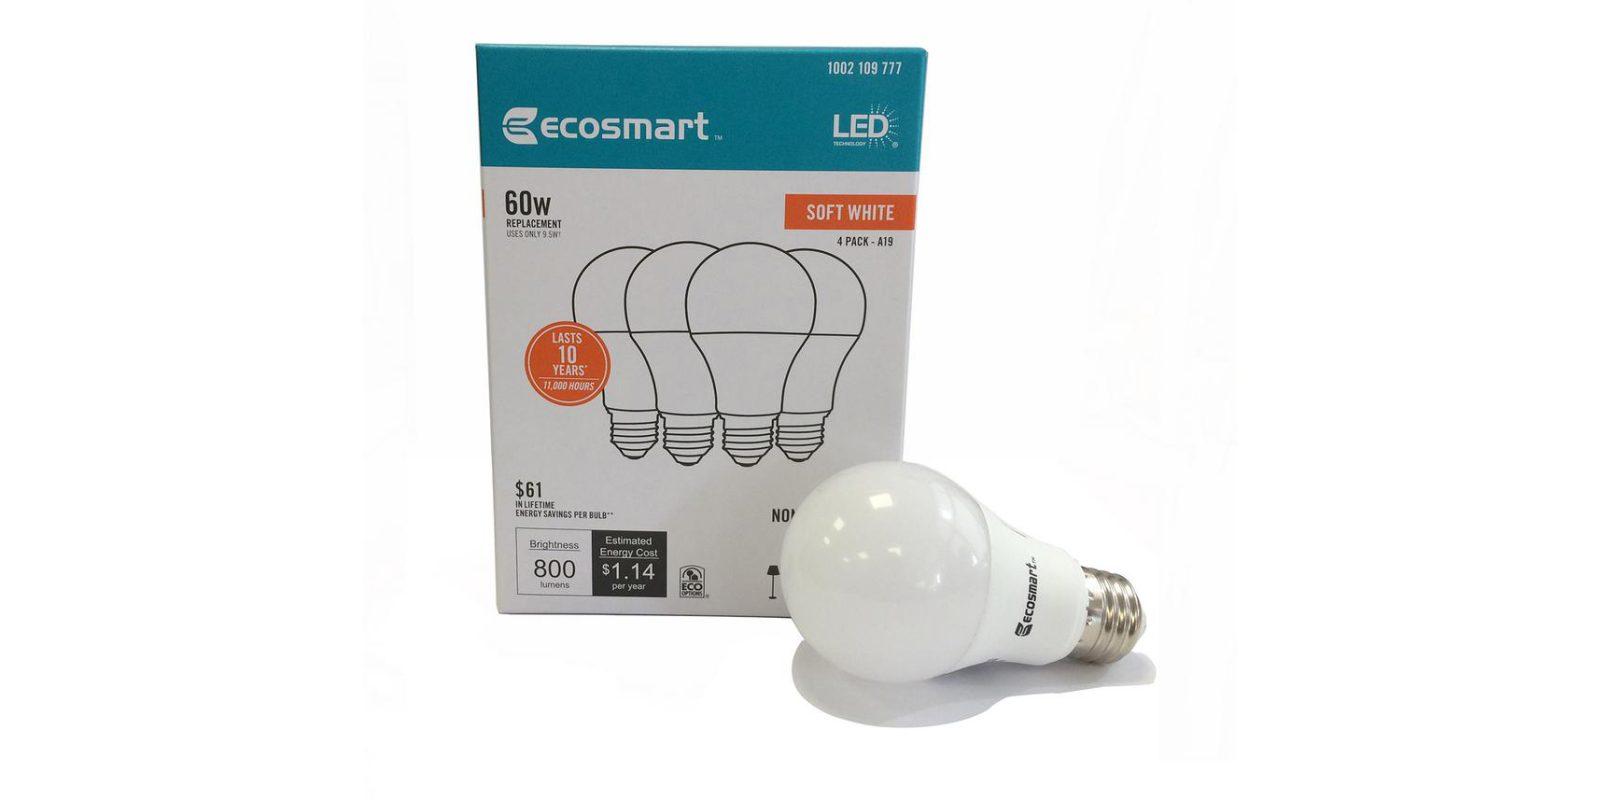 Green Deals 4 Pack Ecosmart 60w A19 Led Light Bulbs 3